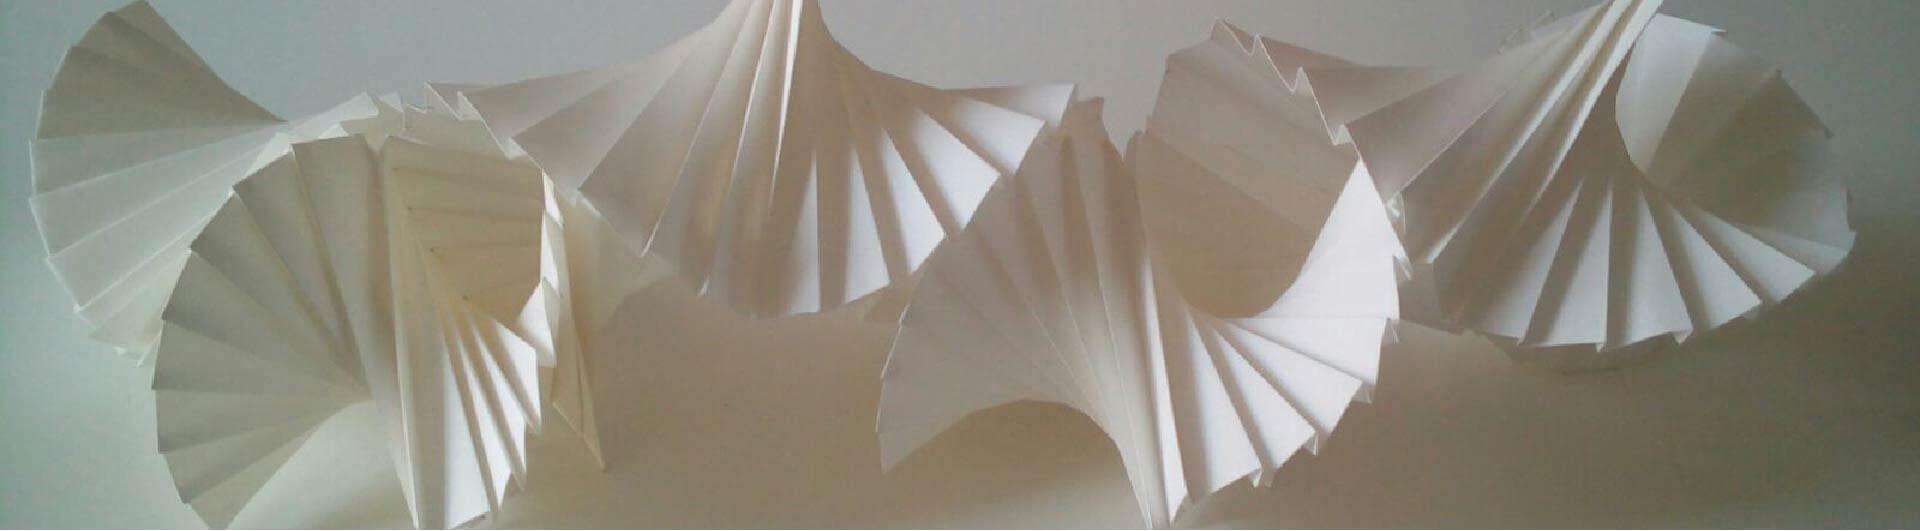 arquitectura-do-papel-curso-dario-zeruto